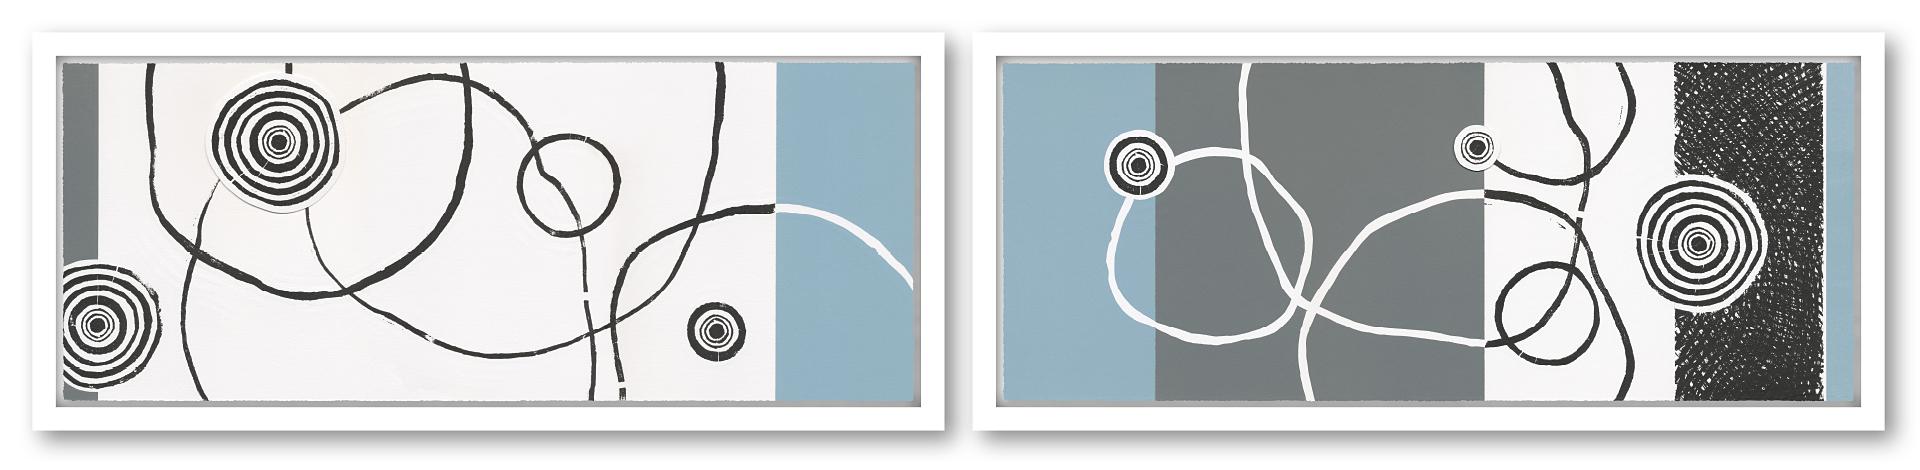 VARIATION BAUMELEMENTE I+II | Unikat | 2-teilig | Handabzug von Baumscheiben / Monotypie | 27 x 128 cm [gerahmt] | 2018